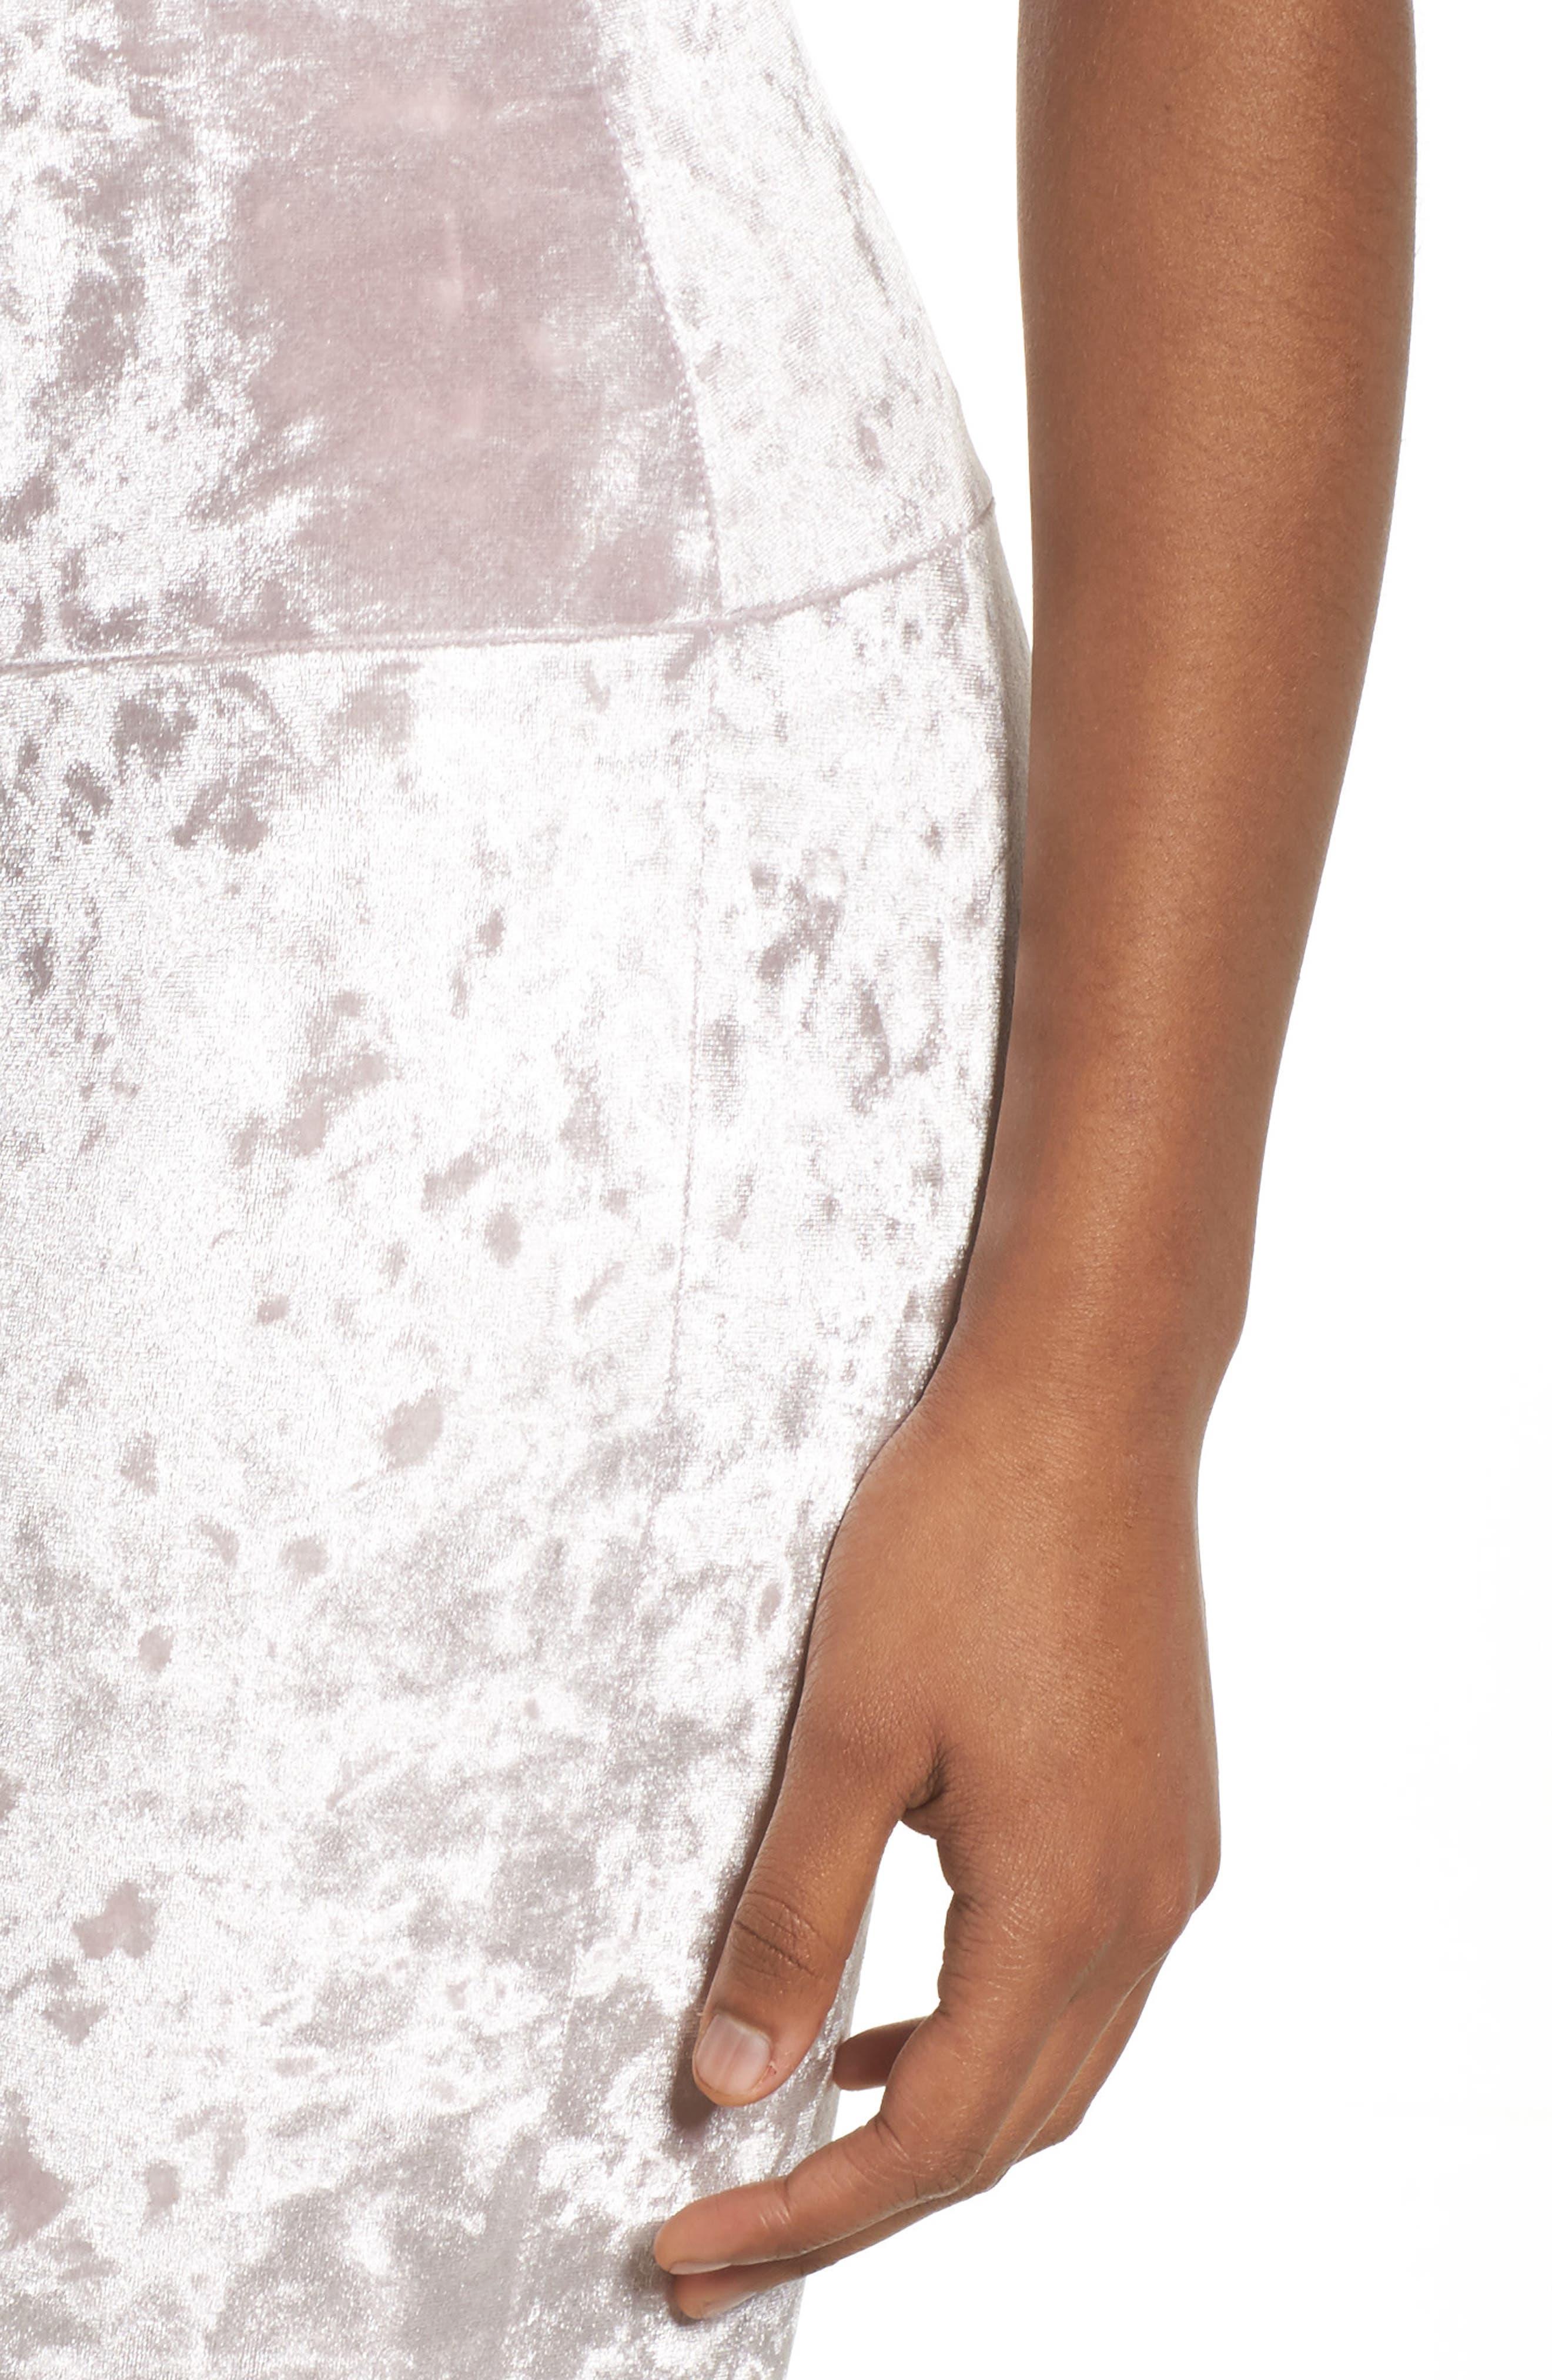 Flare Leg Yoga Pants,                             Alternate thumbnail 4, color,                             Mist Crushed Velvet